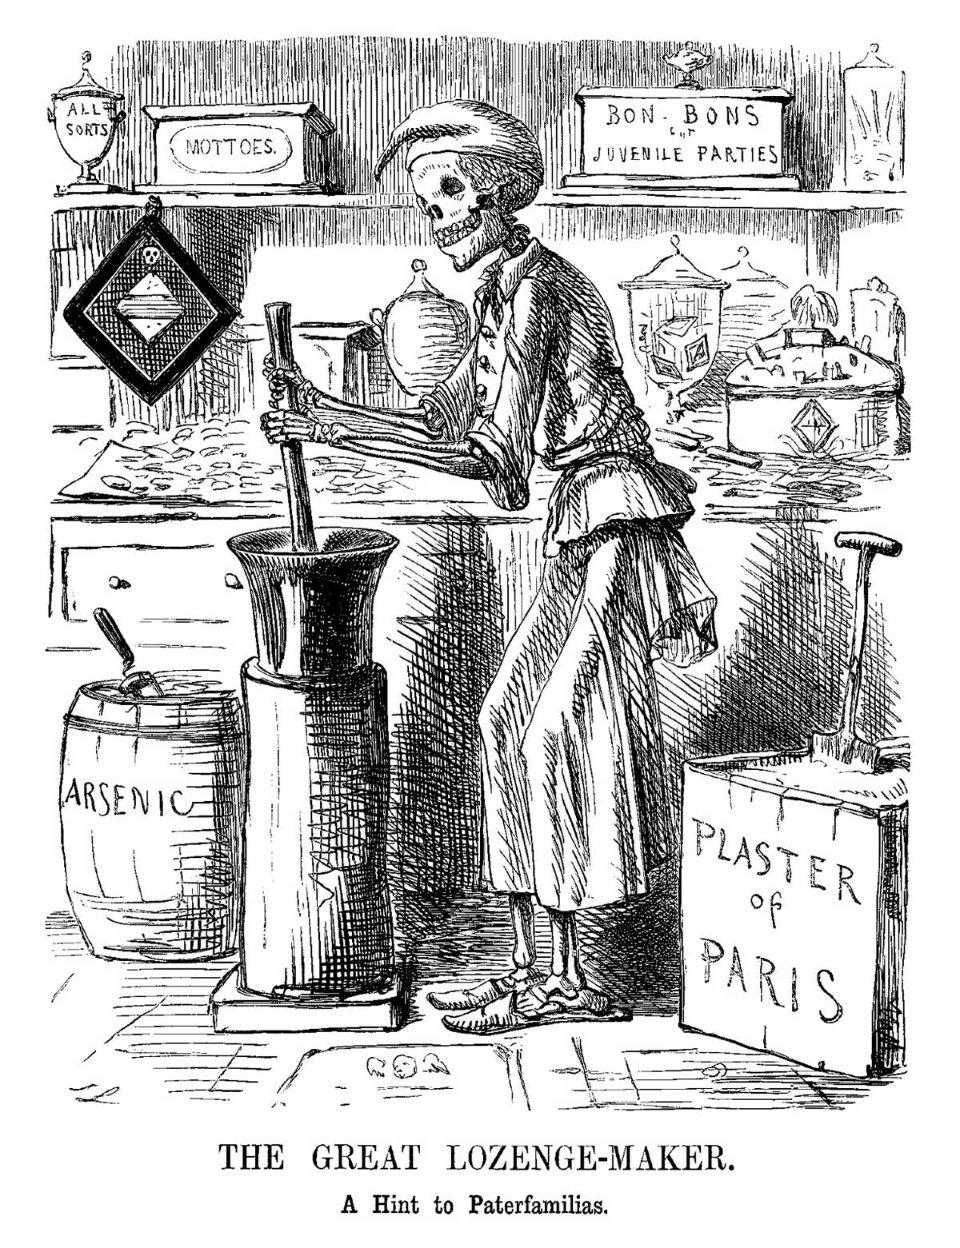 Карикатура 1858 року про отруєння в Бредфорді з англійського сатиричного журналу Punch